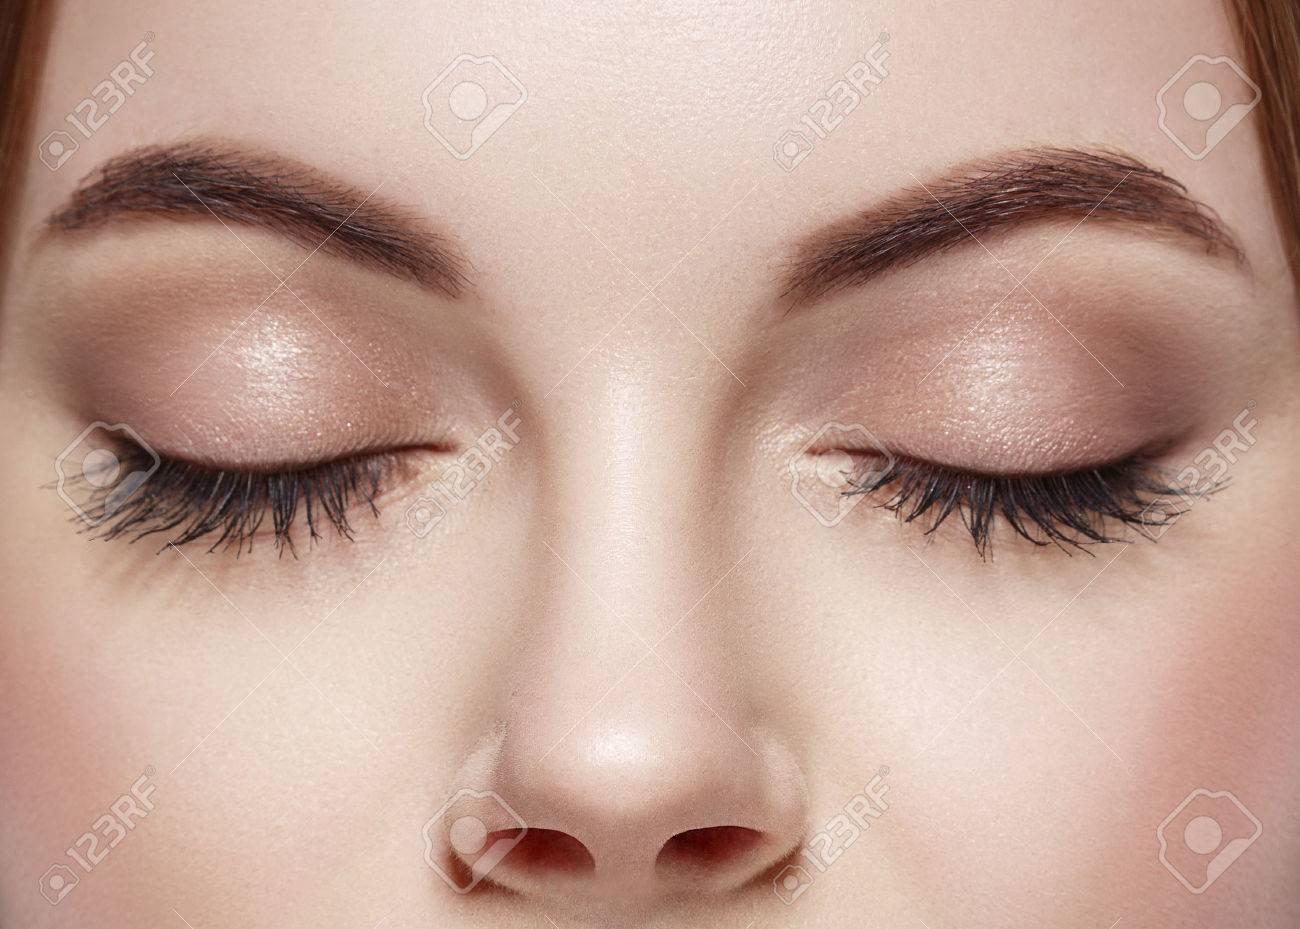 Beautiful woman eyes closed - 62775602